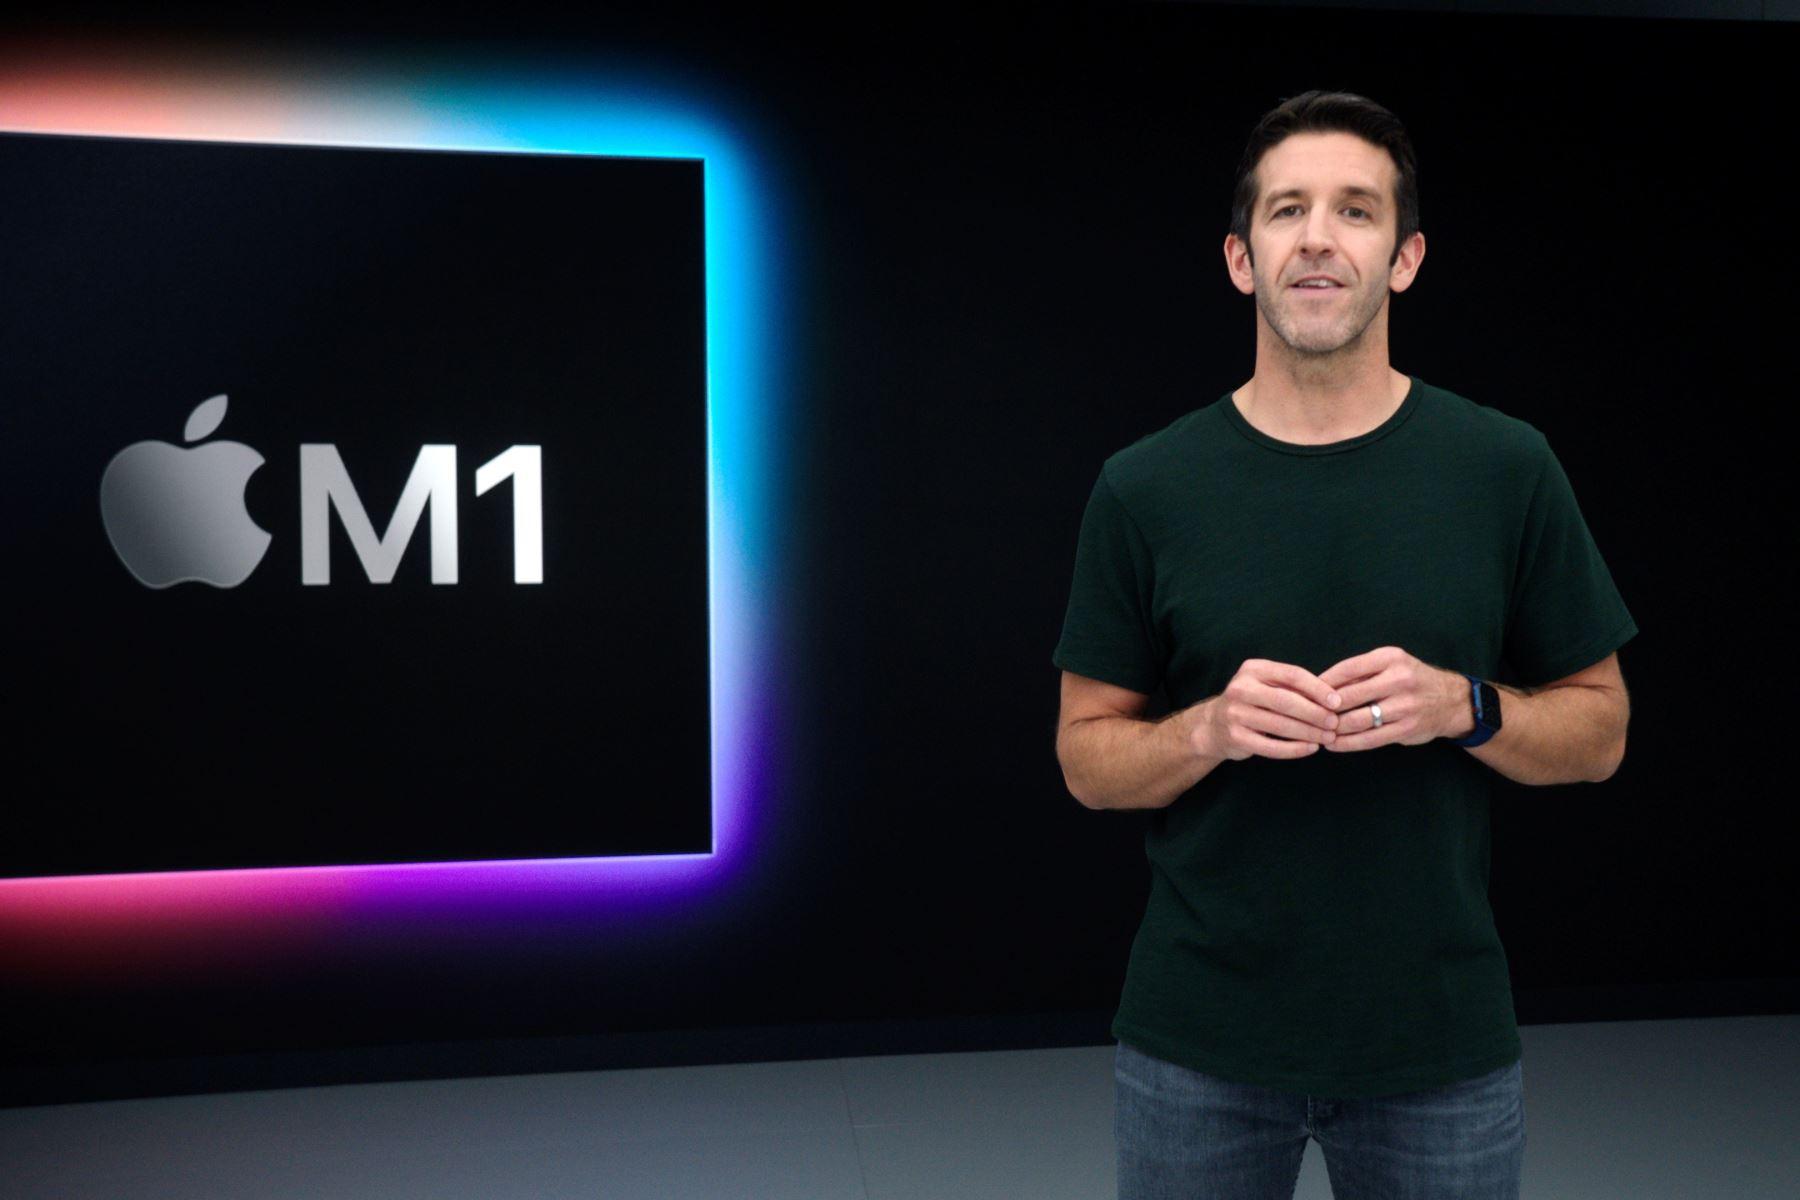 Apple fabrica sus propios procesadores para las Macs, similares a los iPhone